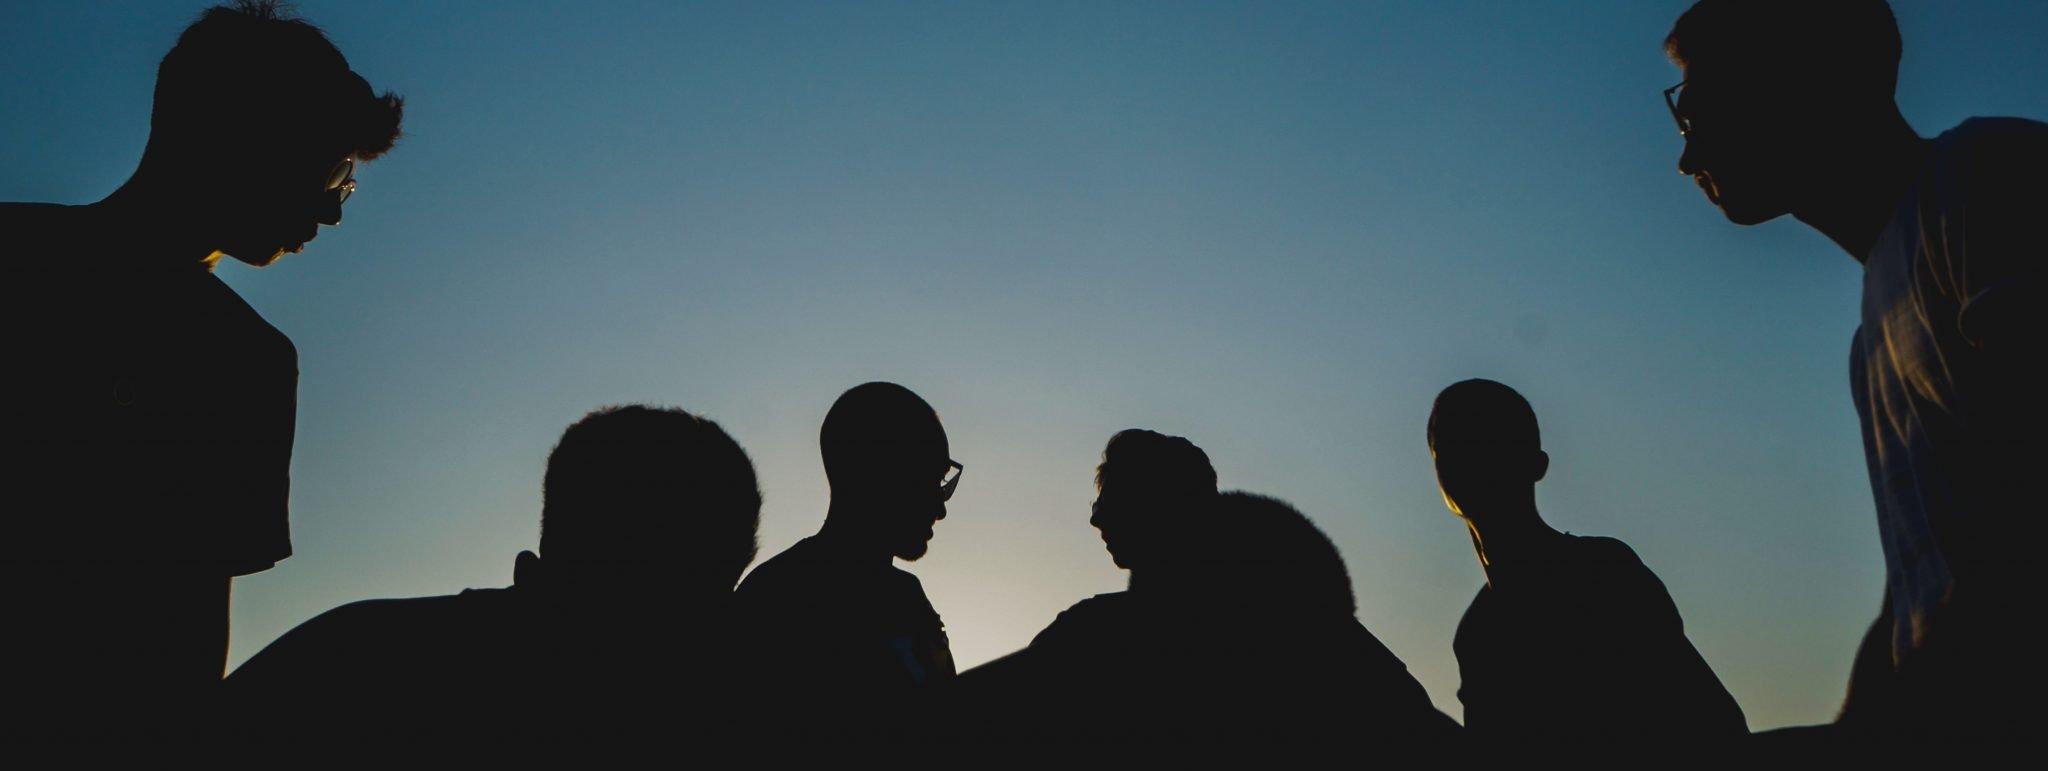 Dialogzone: Mægling i grupper og organisationer